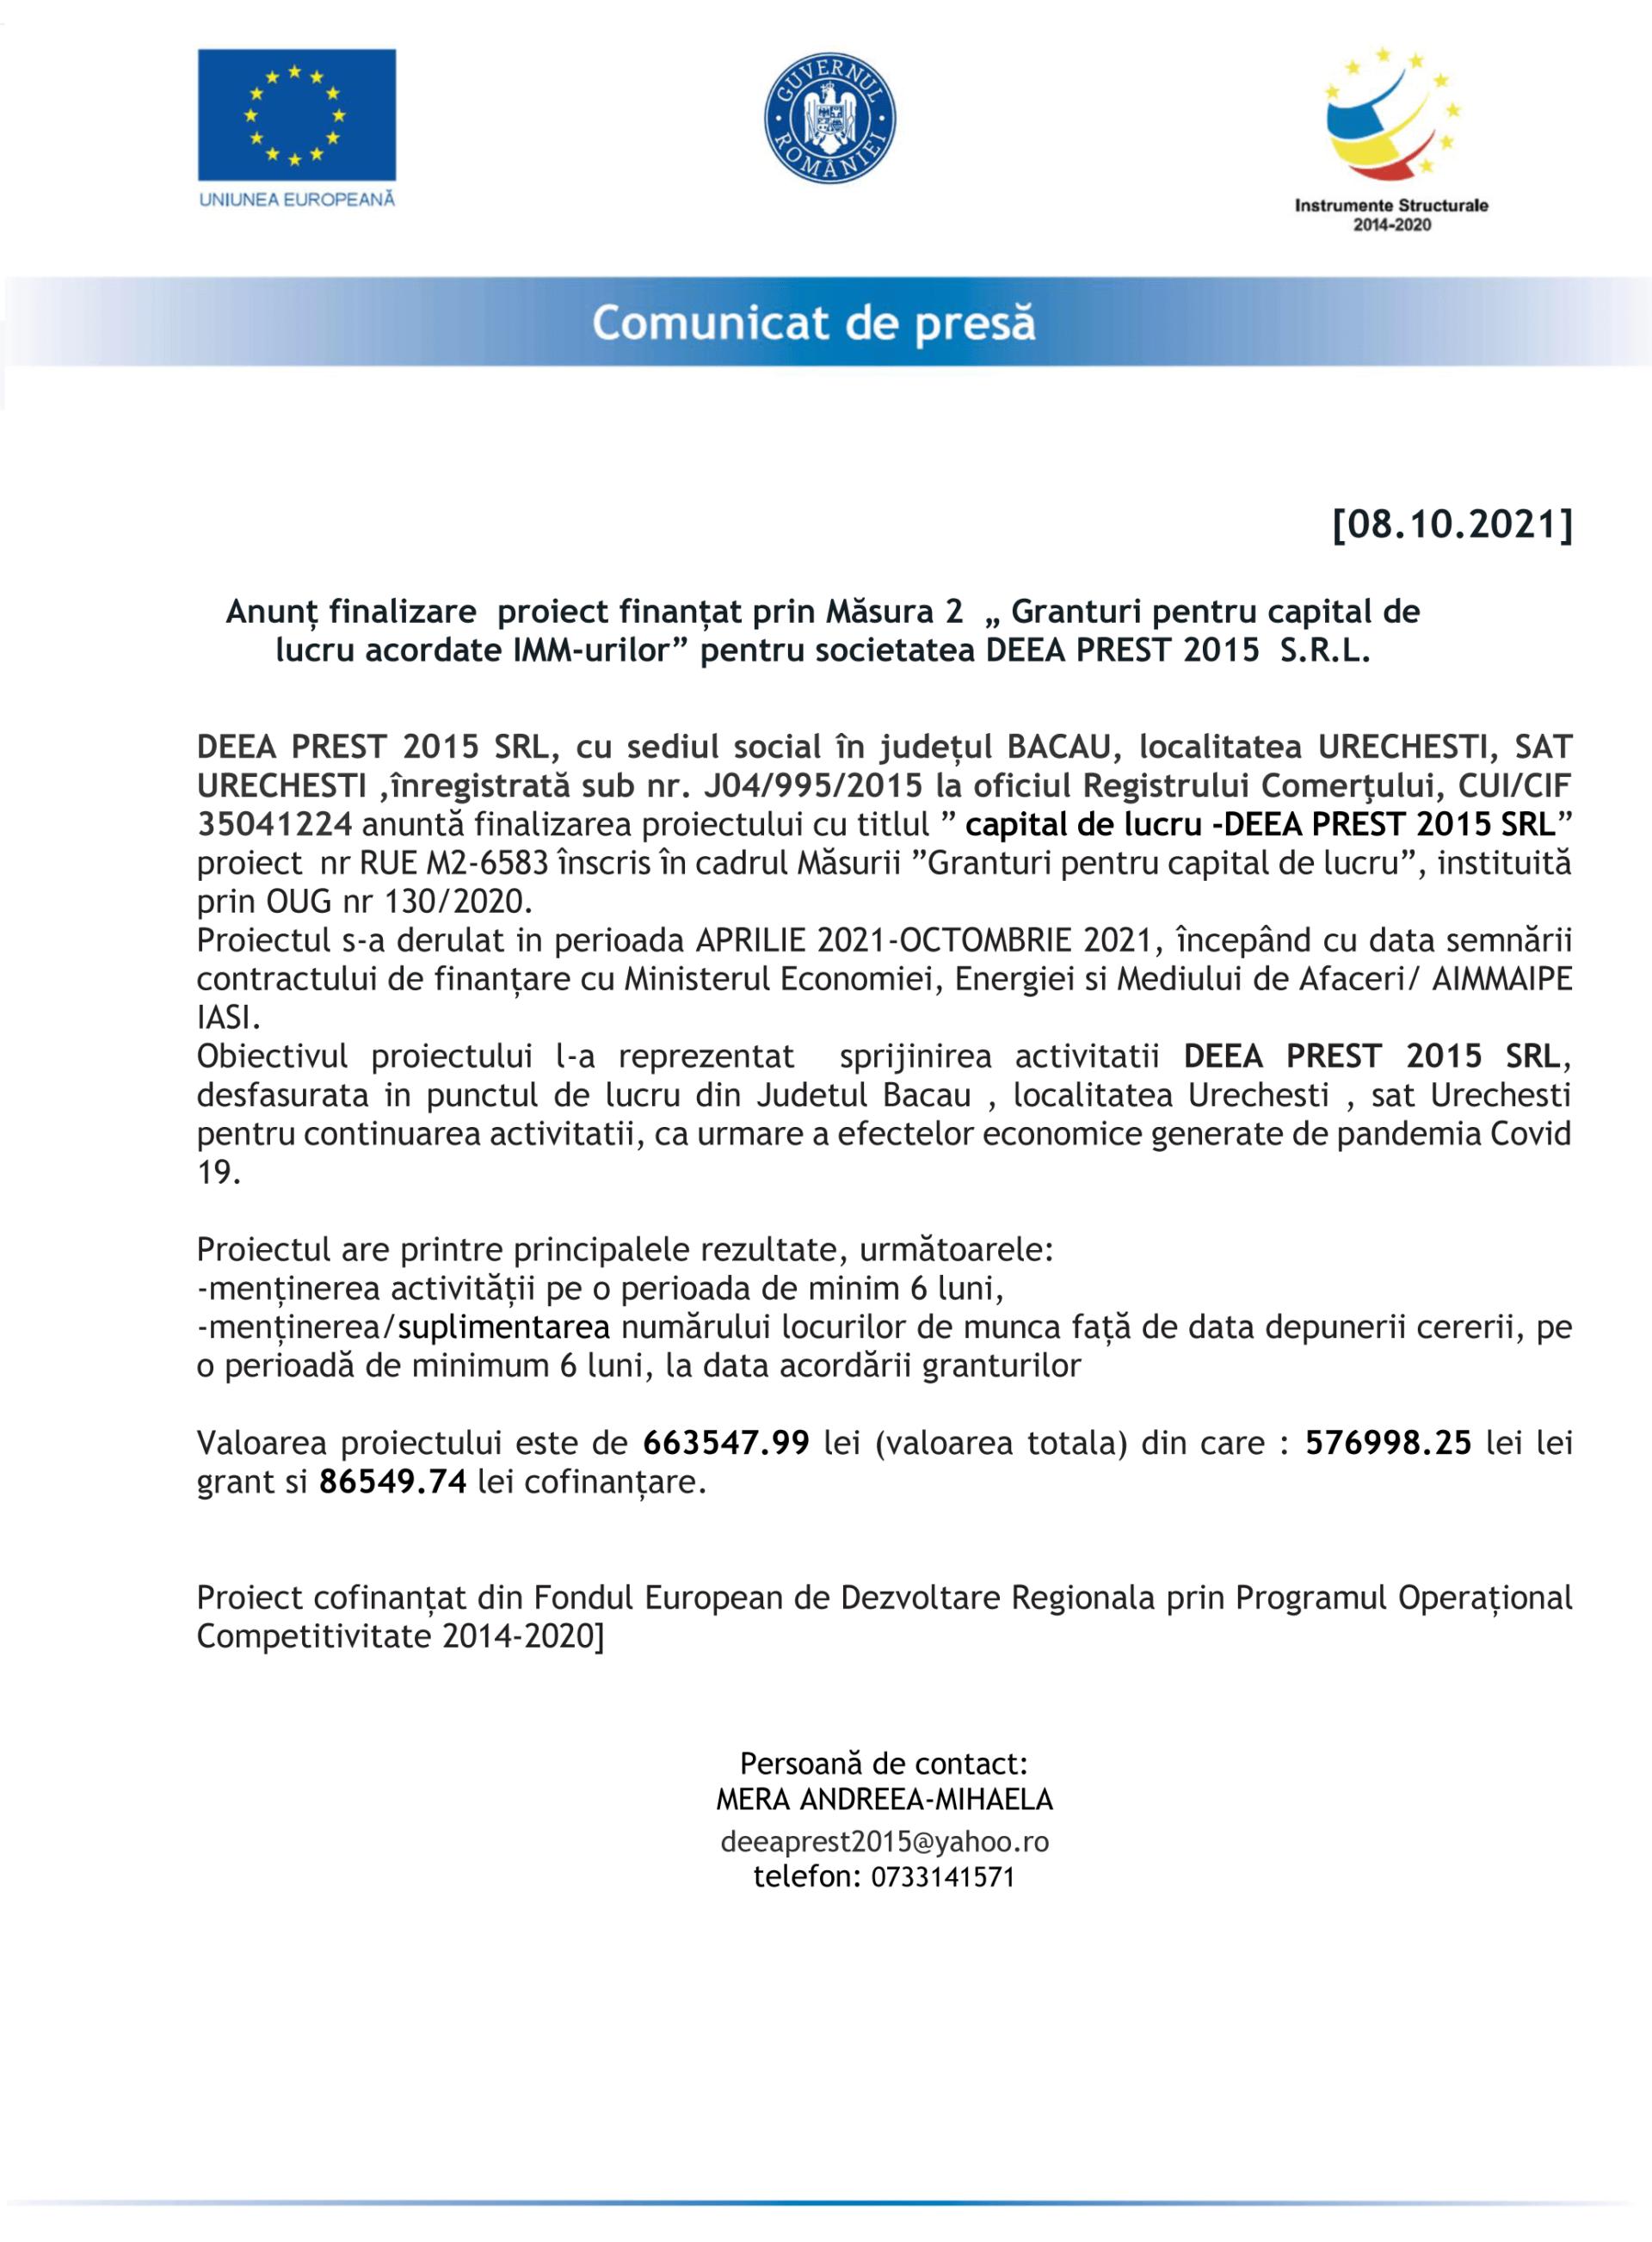 MODEL-Comunicat_de_Presa_benef-finali-DEEA-PREST